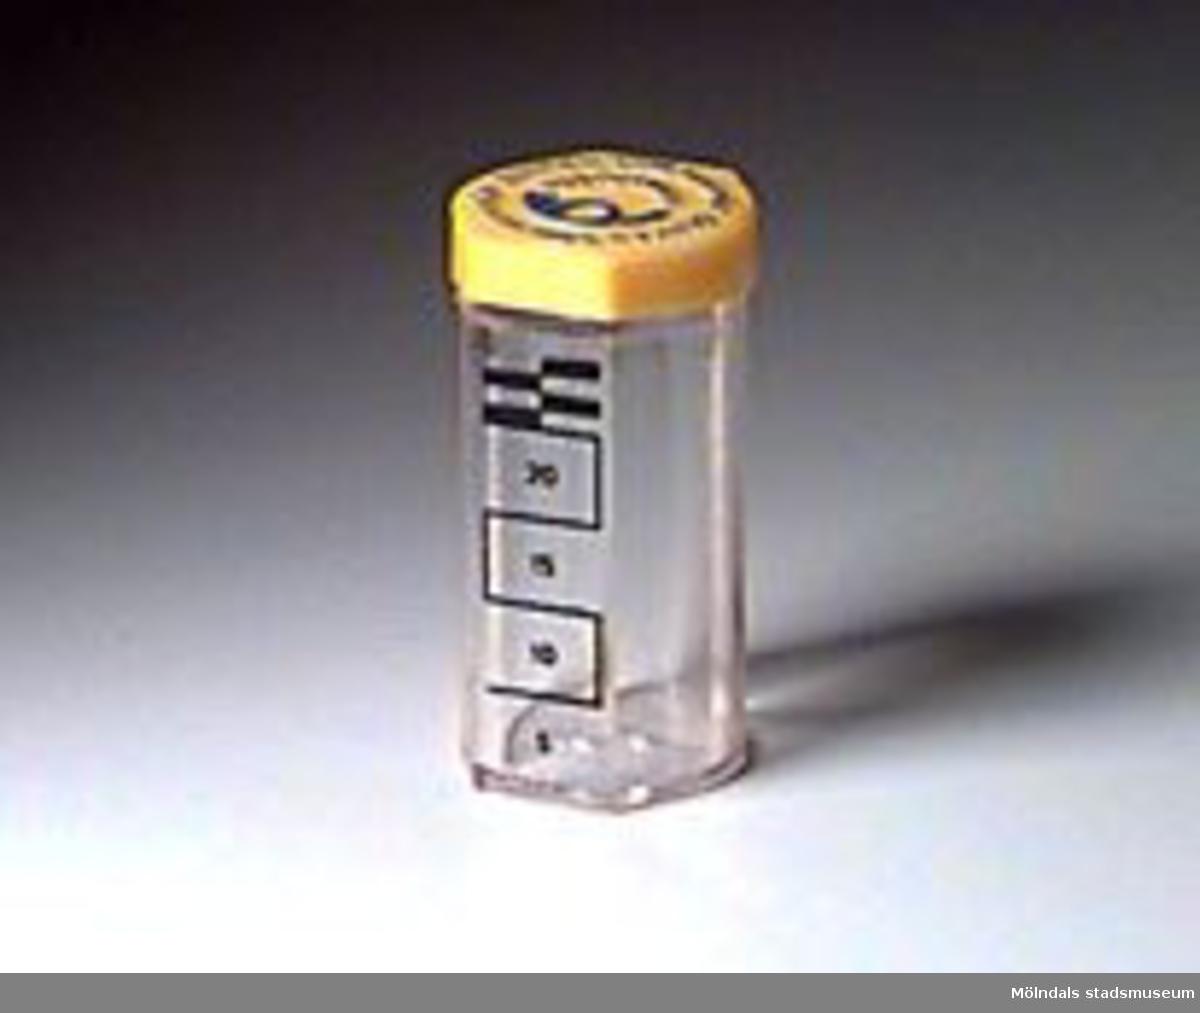 """Rör i genomskinlig plast med gult plastlock. Text i blått på locket: """"BANKEN SOM ALLA NÅR/POSTBANKEN"""", samt postens logotype posthornet i blått i mitten. I botten står i relief i plasten: """"FÖR 1-KRONOR"""". Angivet med streck samt talen 5, 10, 15 och 20 på sidan hur många kronor som finns i röret. Kan innehålla tjugofem kronor som mest."""